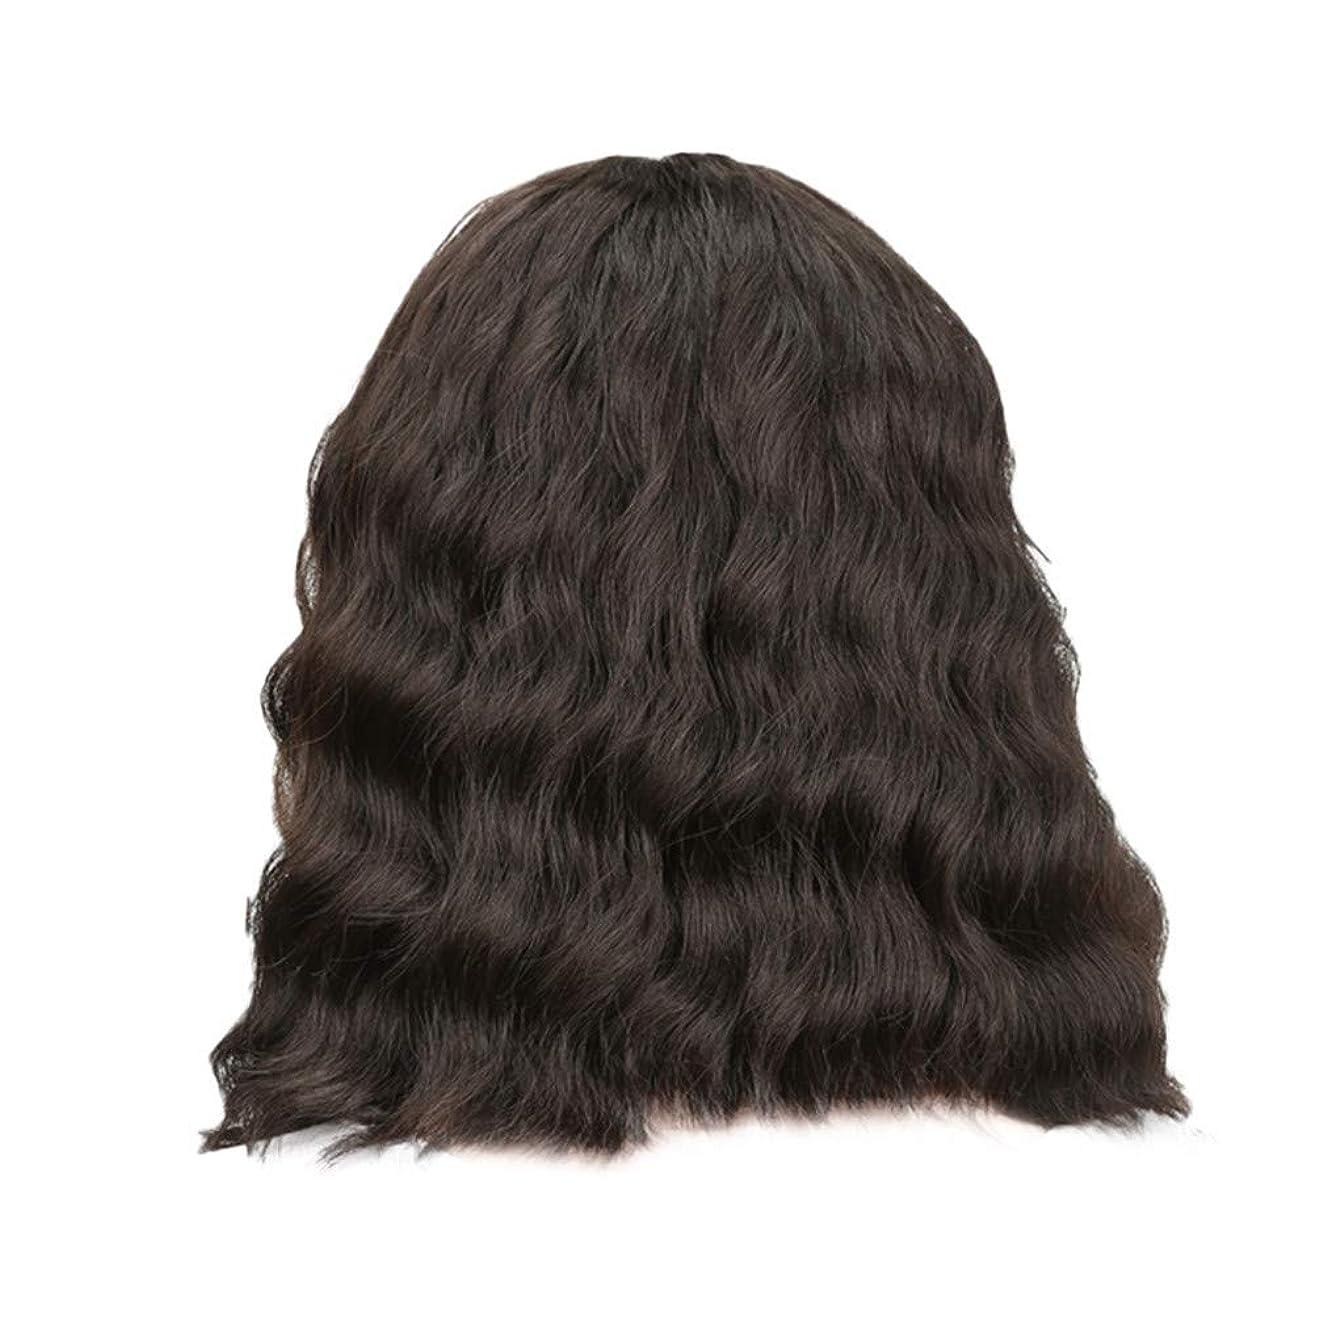 図書館食事を調理するノベルティ女性の黒の短い巻き毛のかつらボブ波かつらローズネット34 cm